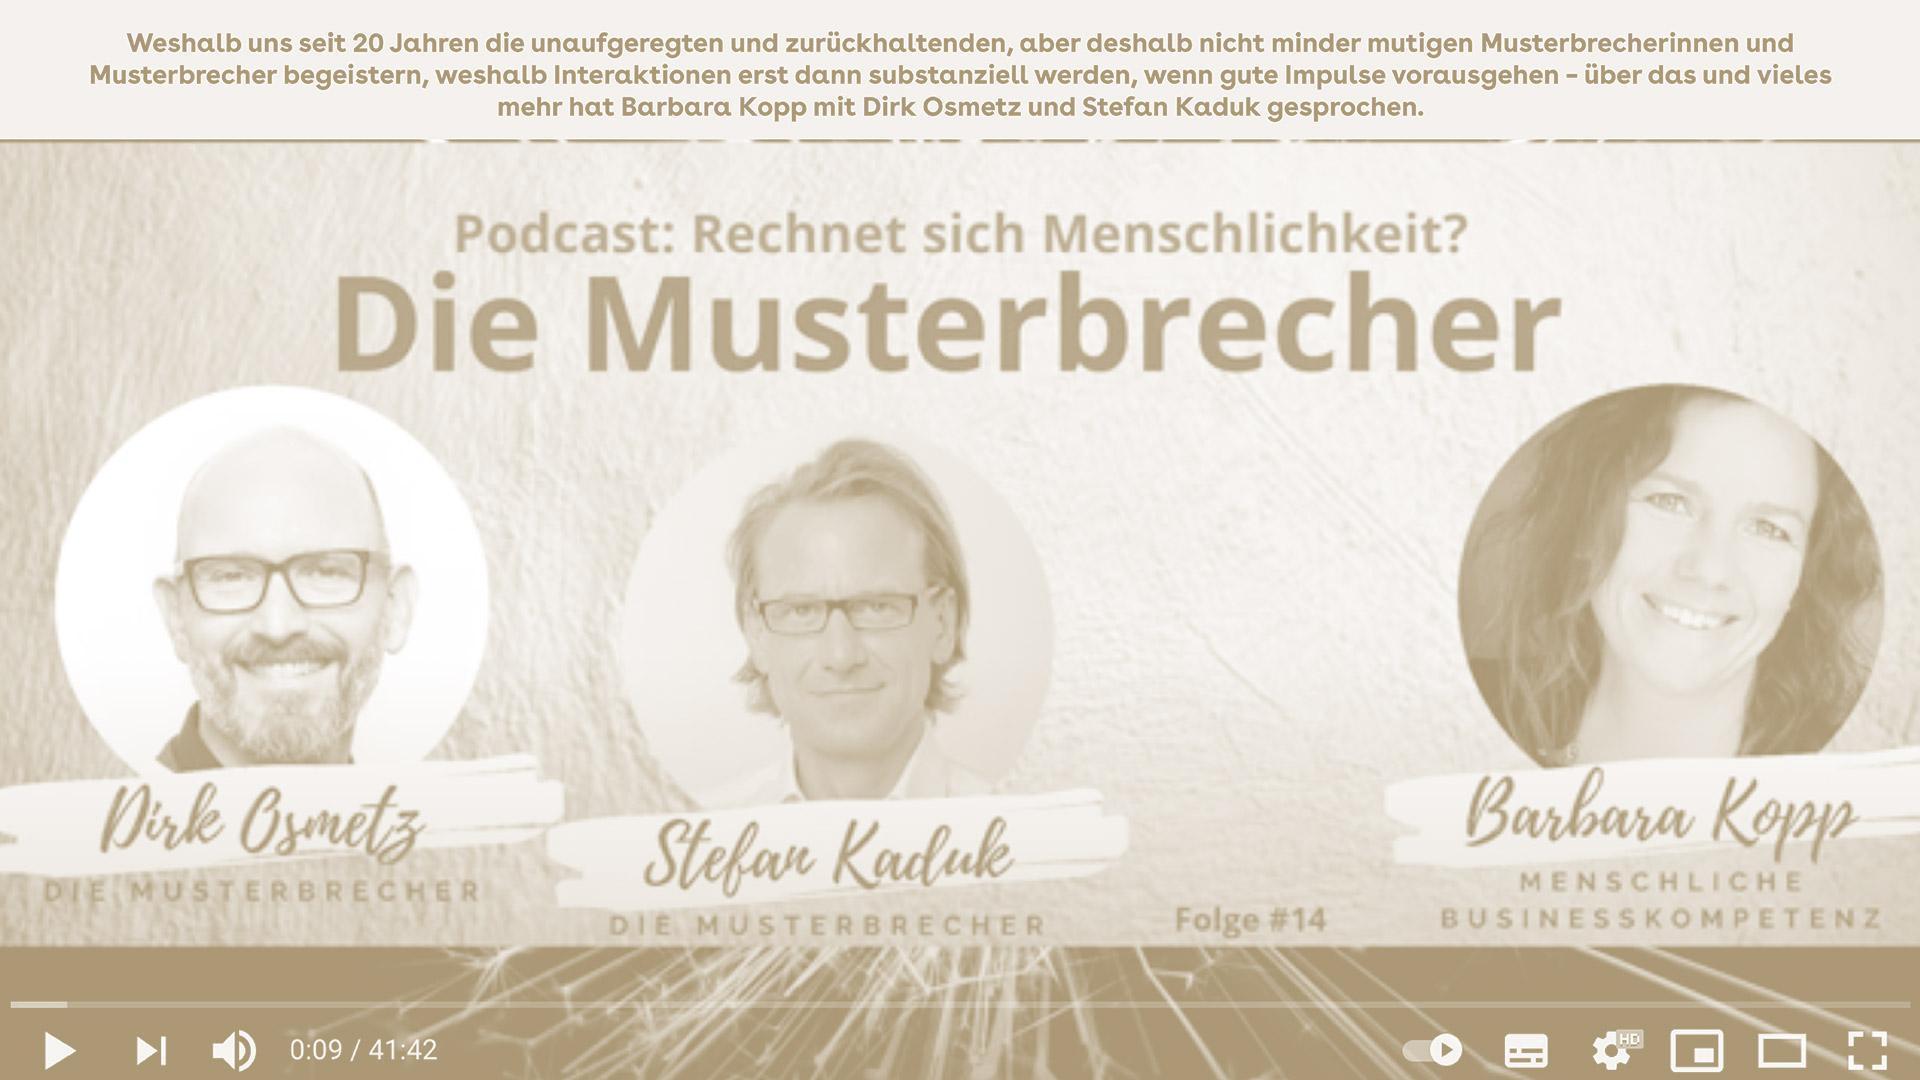 Musterbrecher_Start_Header_Podcast